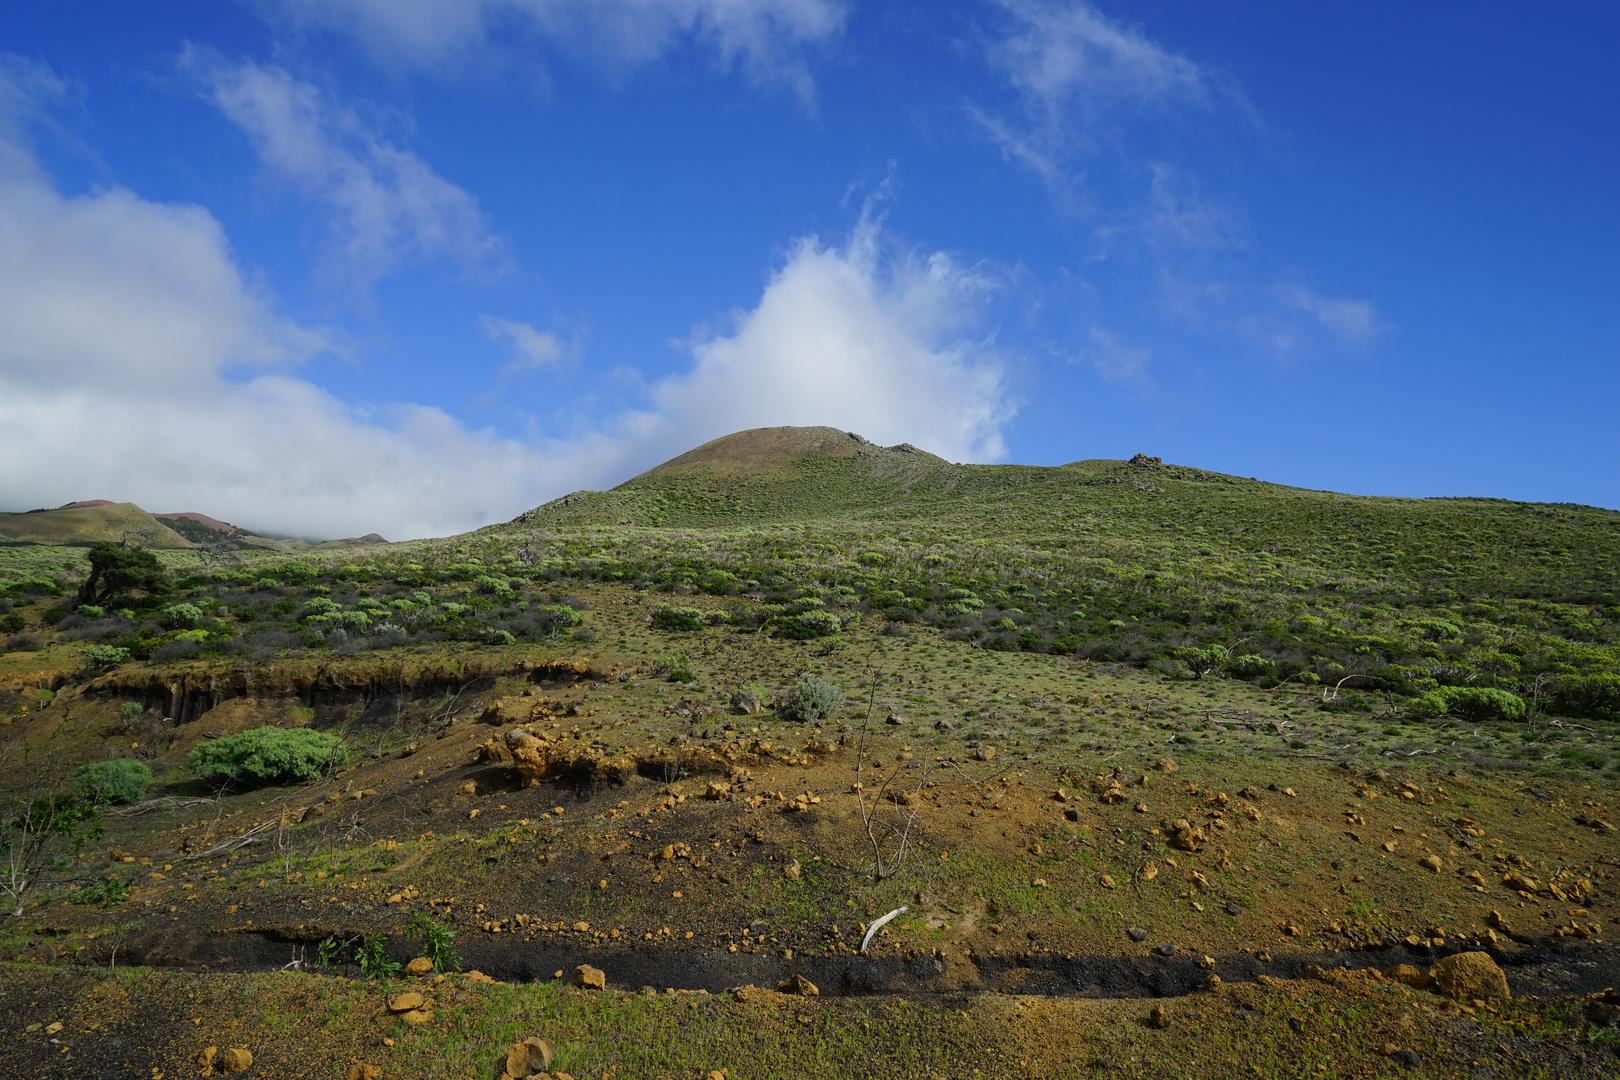 Eine wilde einsame Landschaft ... faszinierendes El Hierro